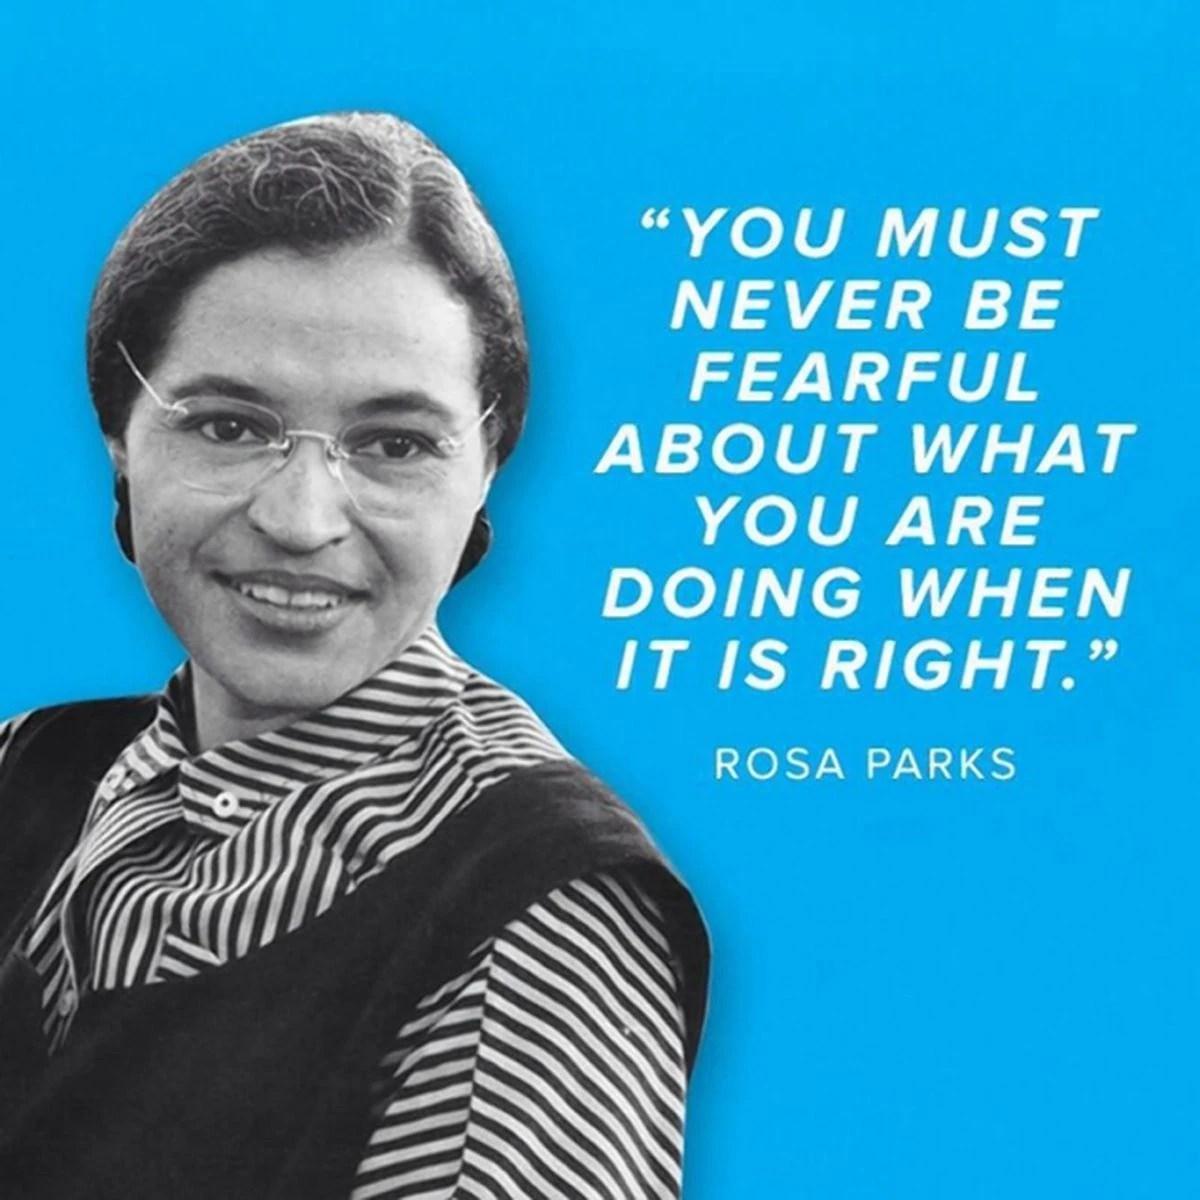 Republicans Declare Racism Is Over In Rosa Parks Tweet